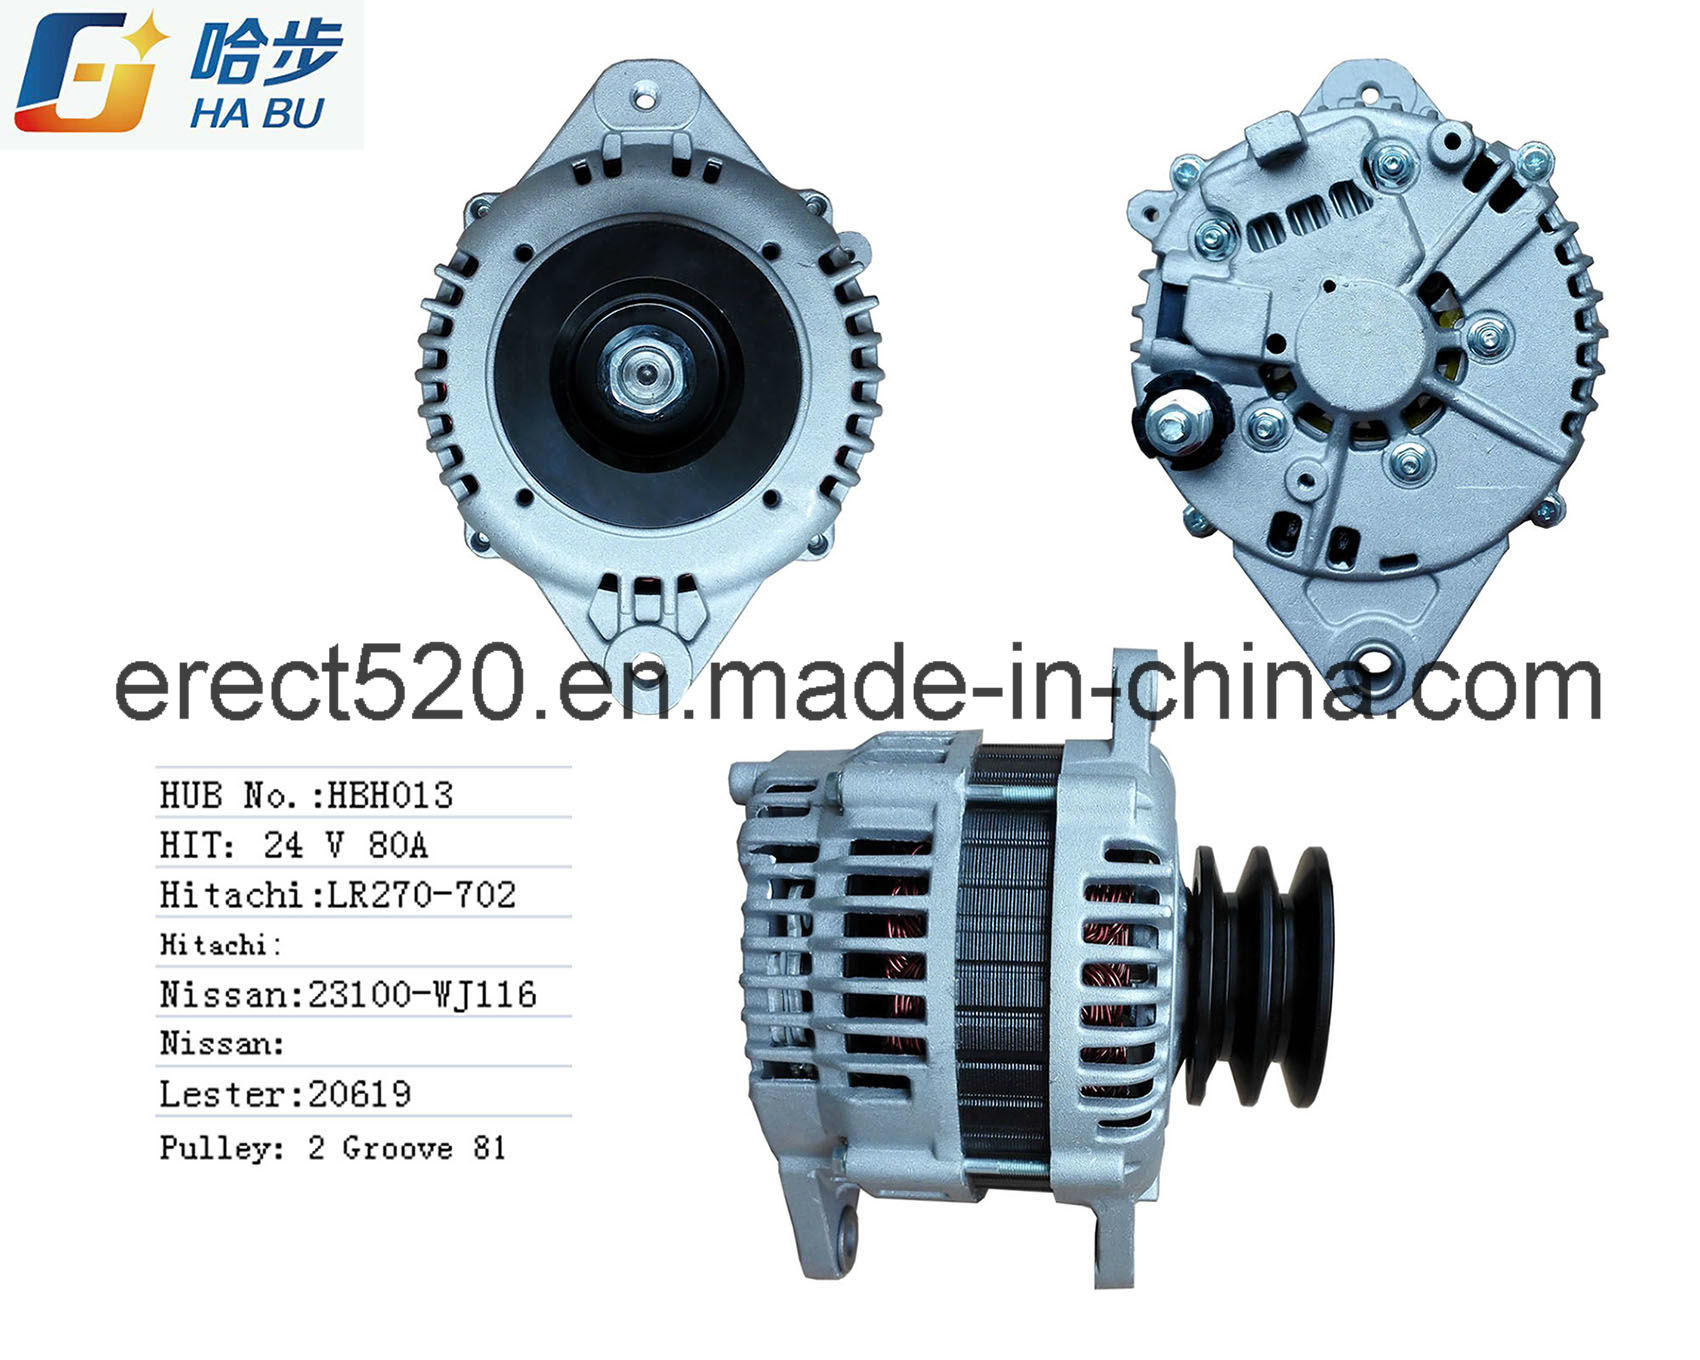 100% New Alternator Fits European for Nissan Td42 23100-Wj116 Lr270-702